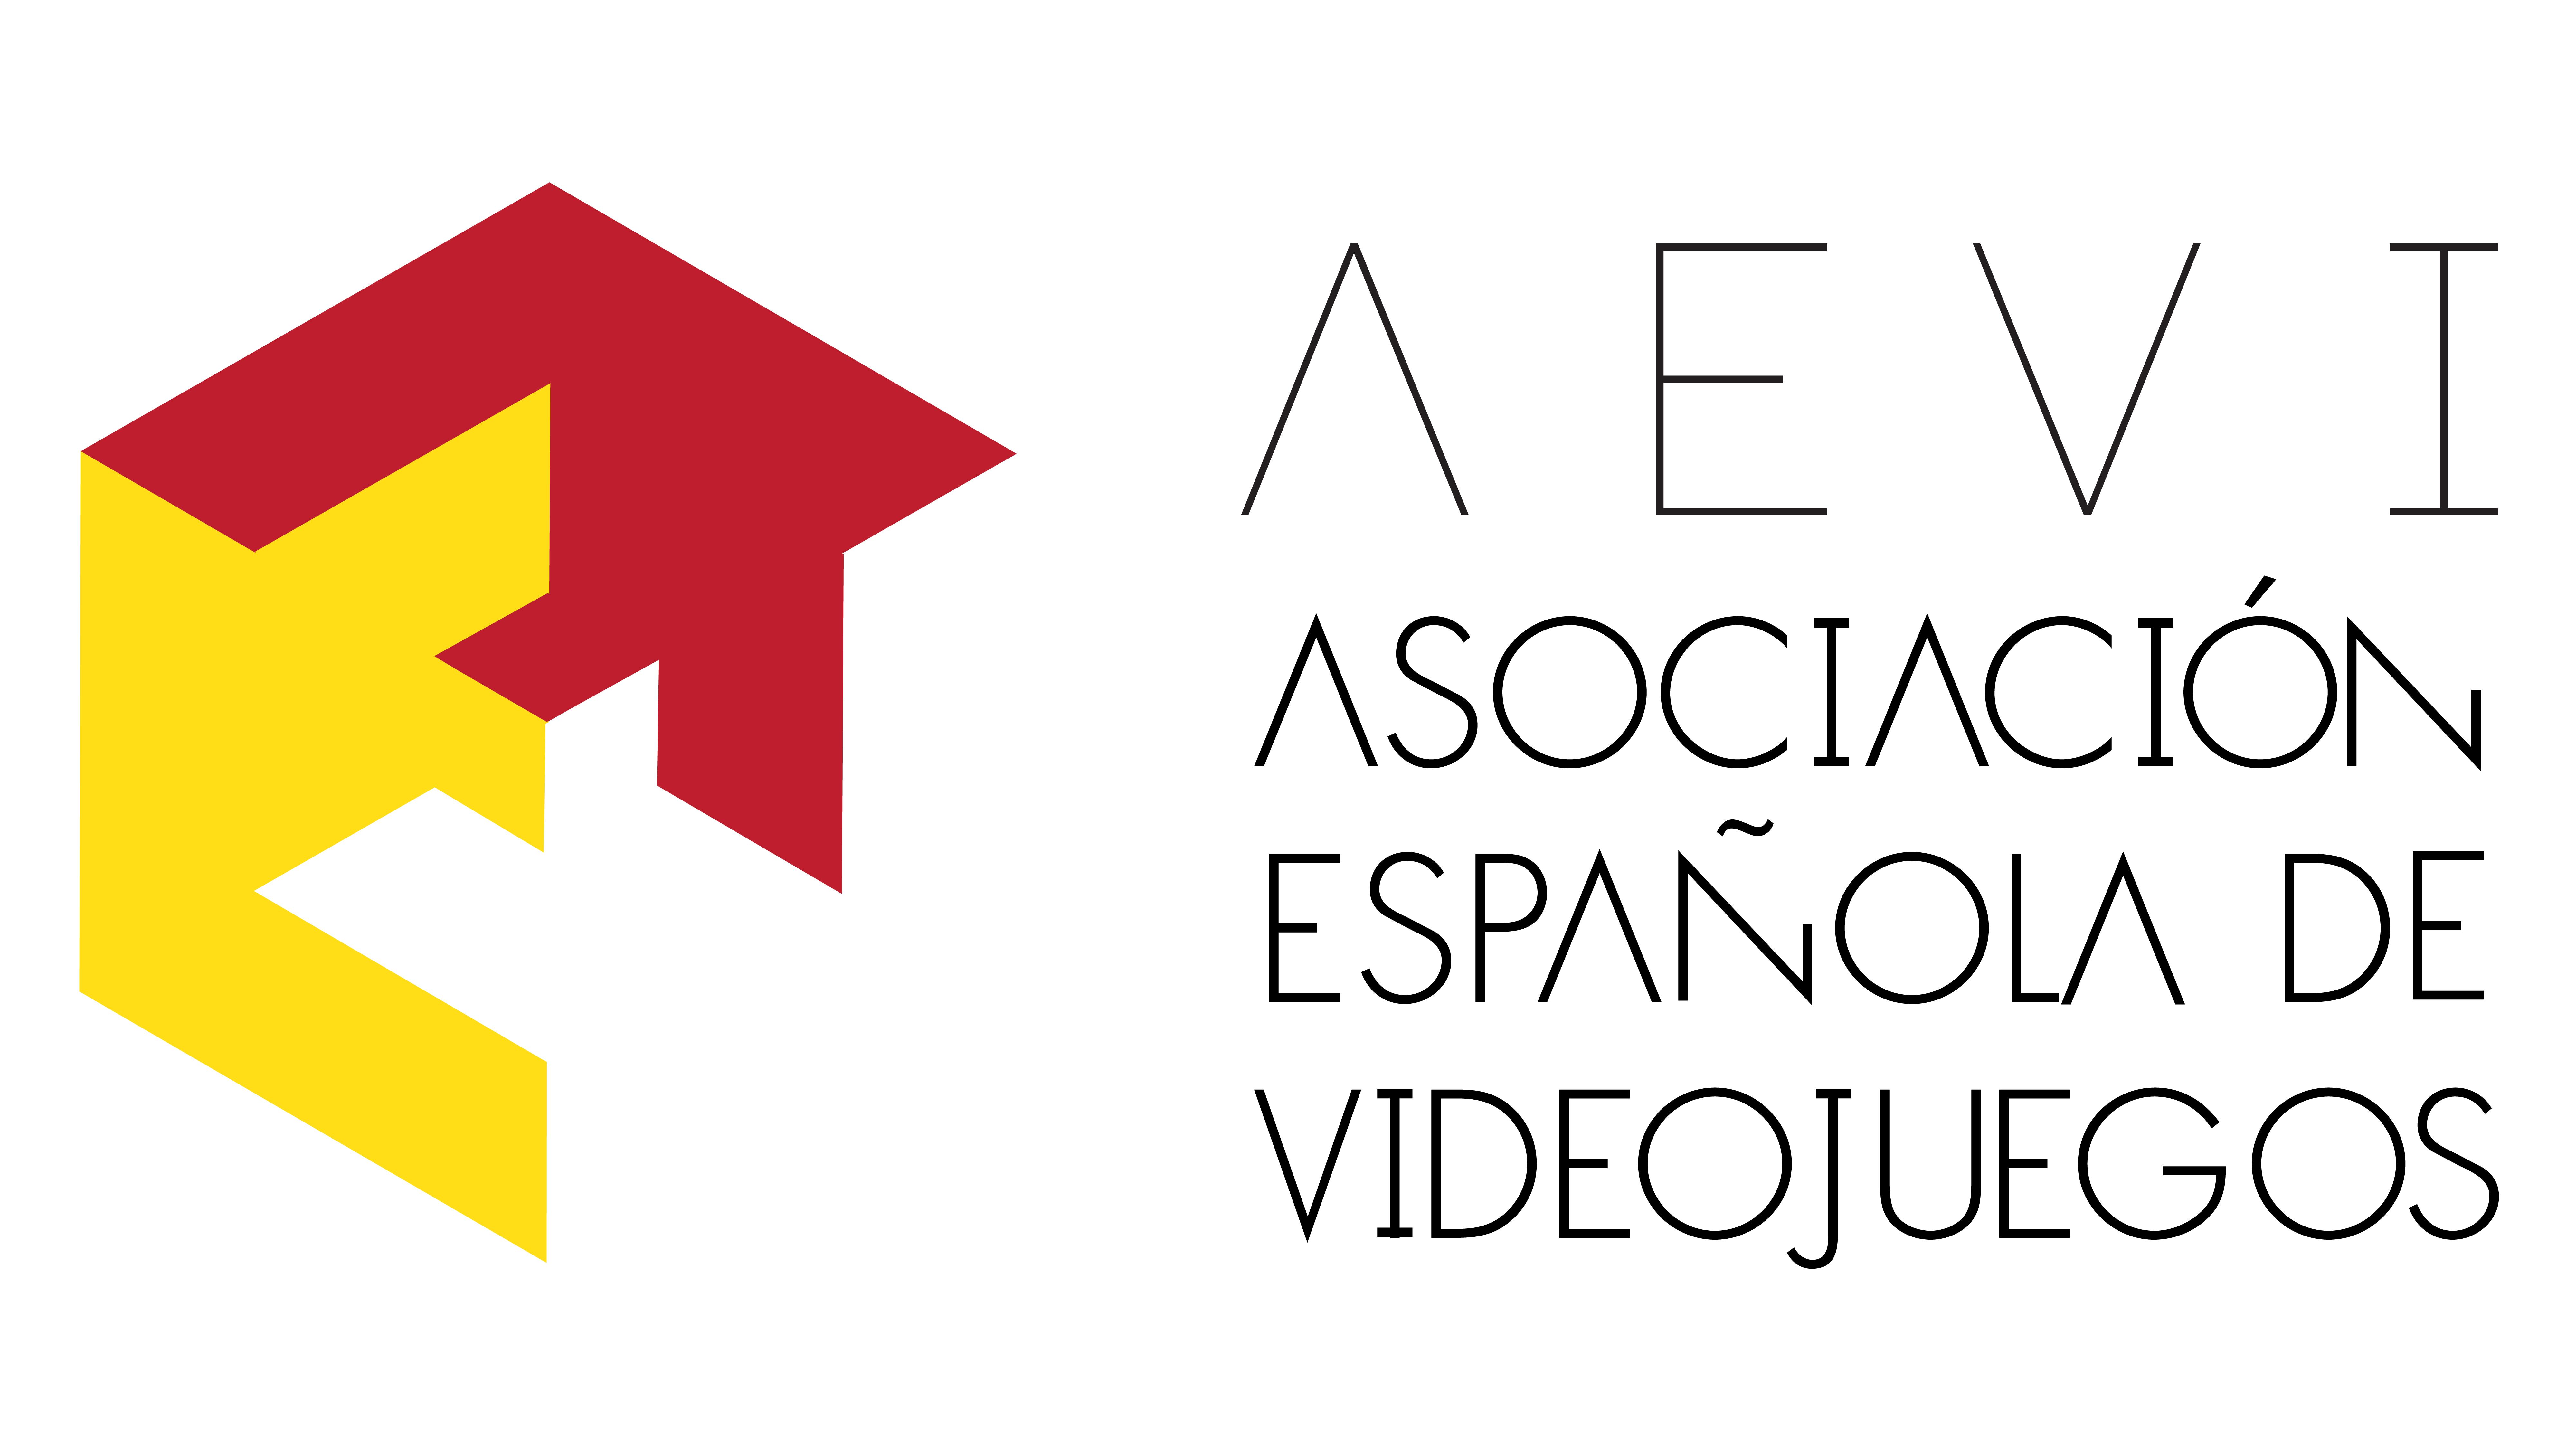 Material Grafico Asociacion Espanola De Videojuegos